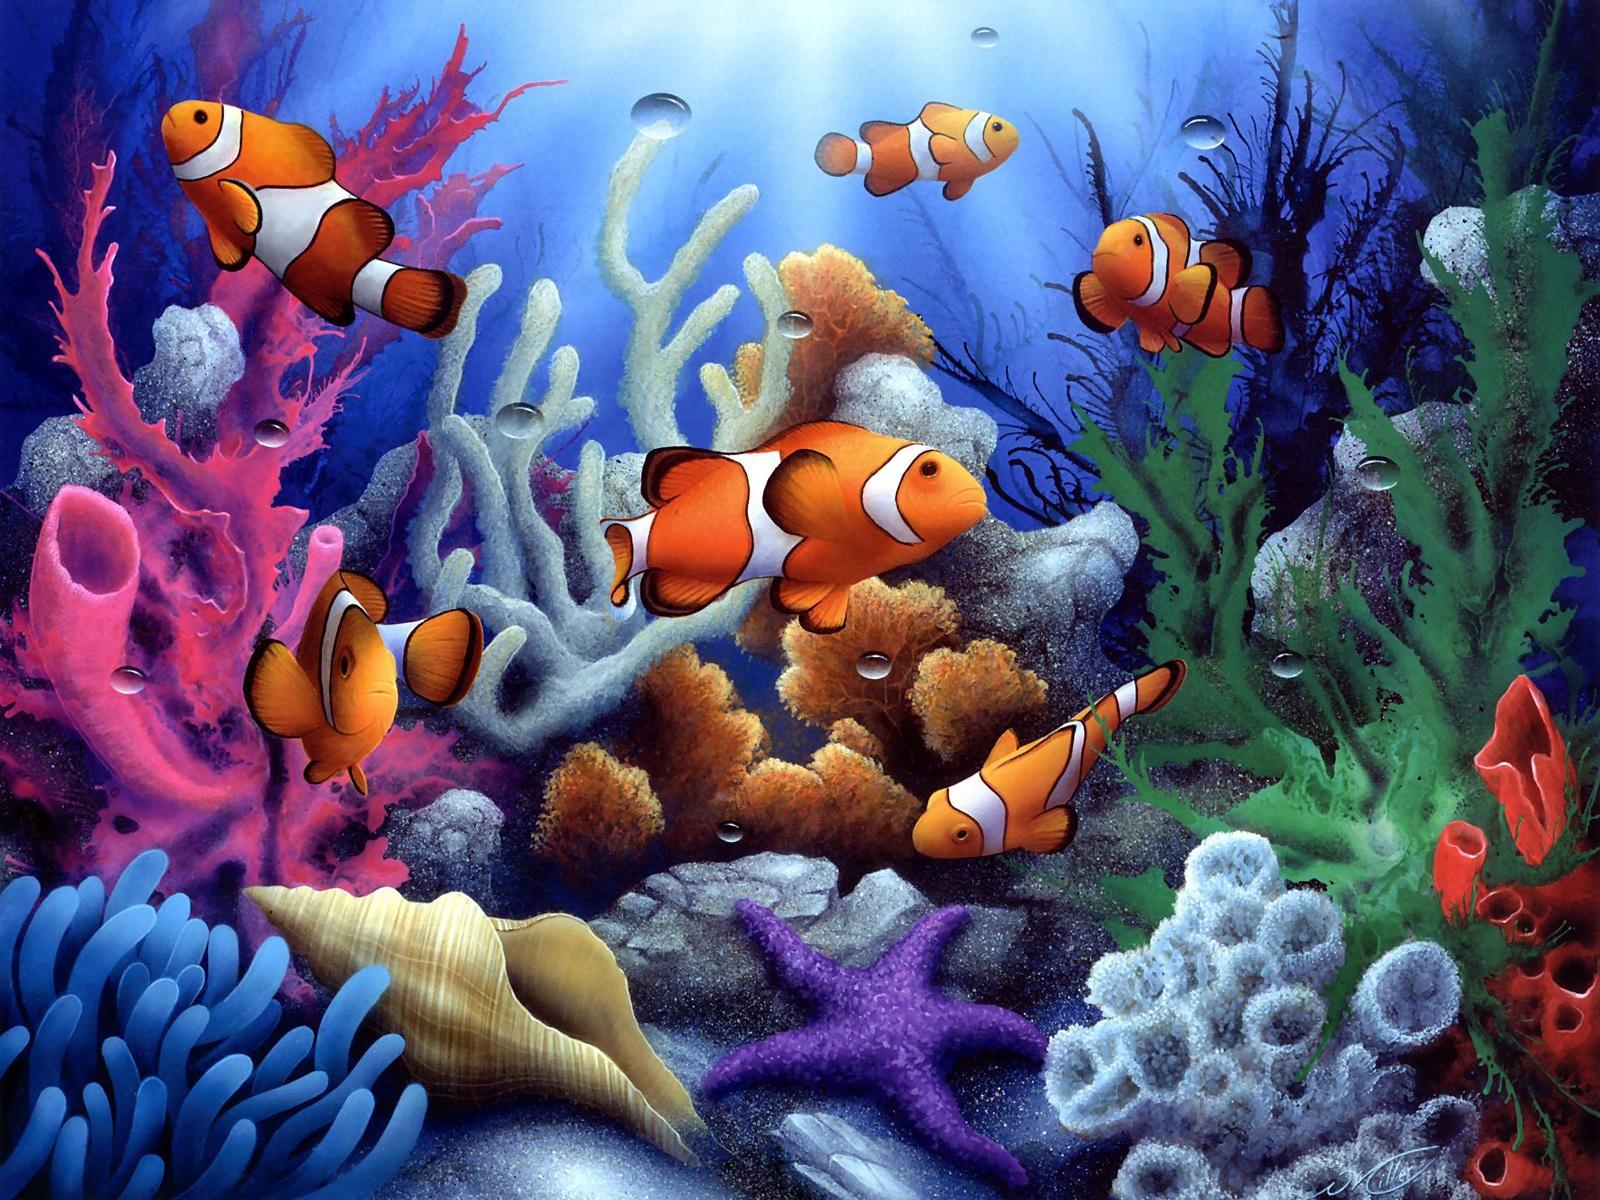 壁纸 缤纷的海底珊瑚和鱼 1600x1200 HD 高清壁纸, 图片, 照片